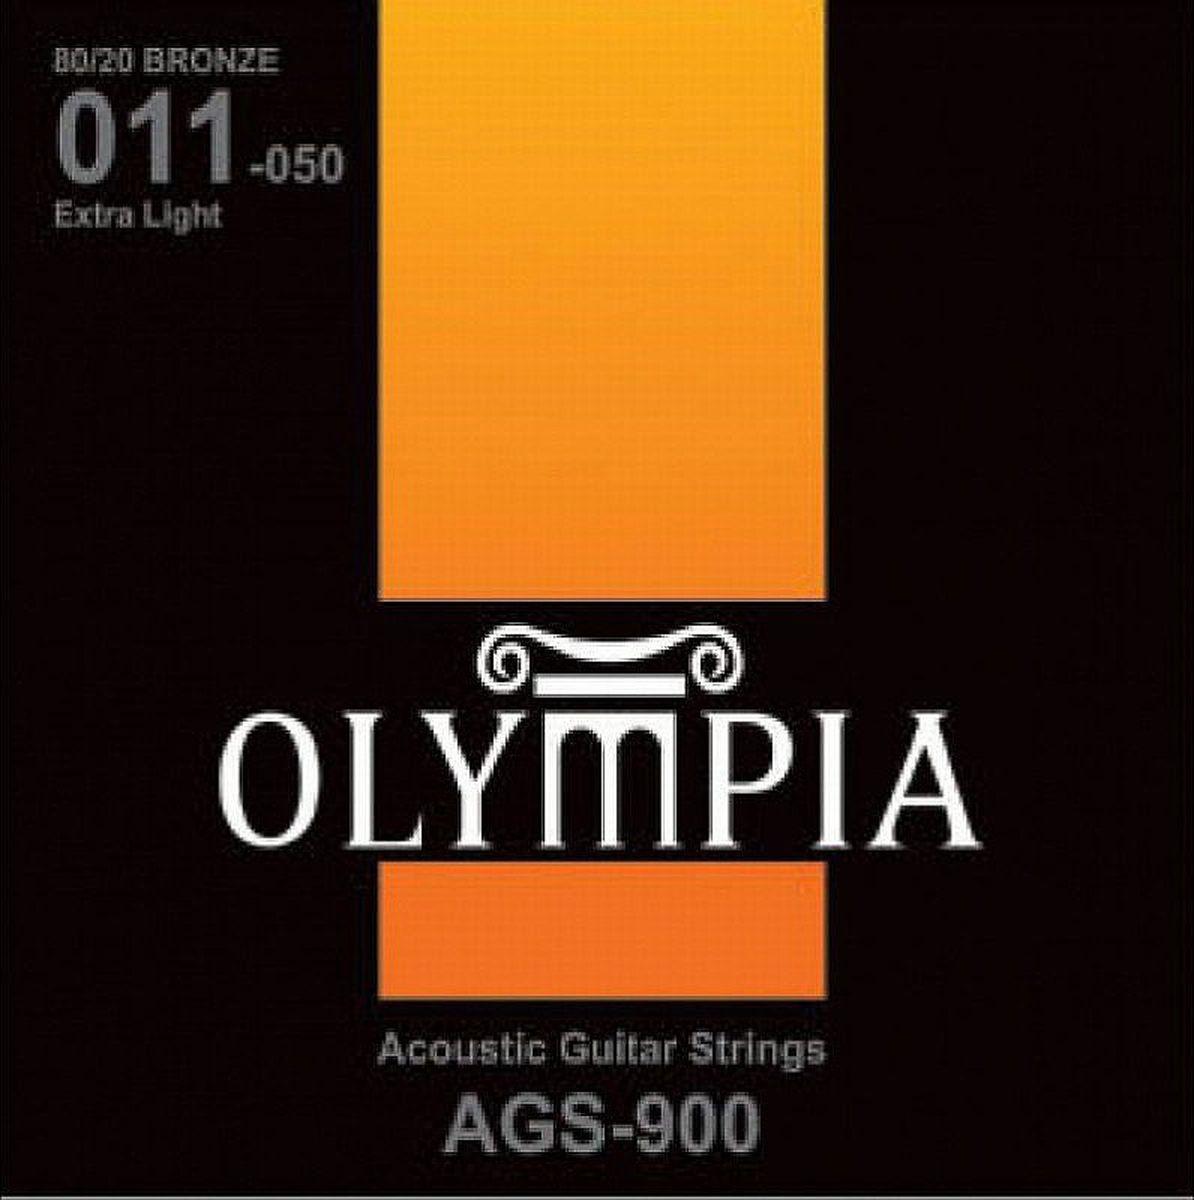 Струны для акустической гитары Olympia Bronze (11-15-23w-30-39-50), AGS900 струны для акустической гитары d addario ez910